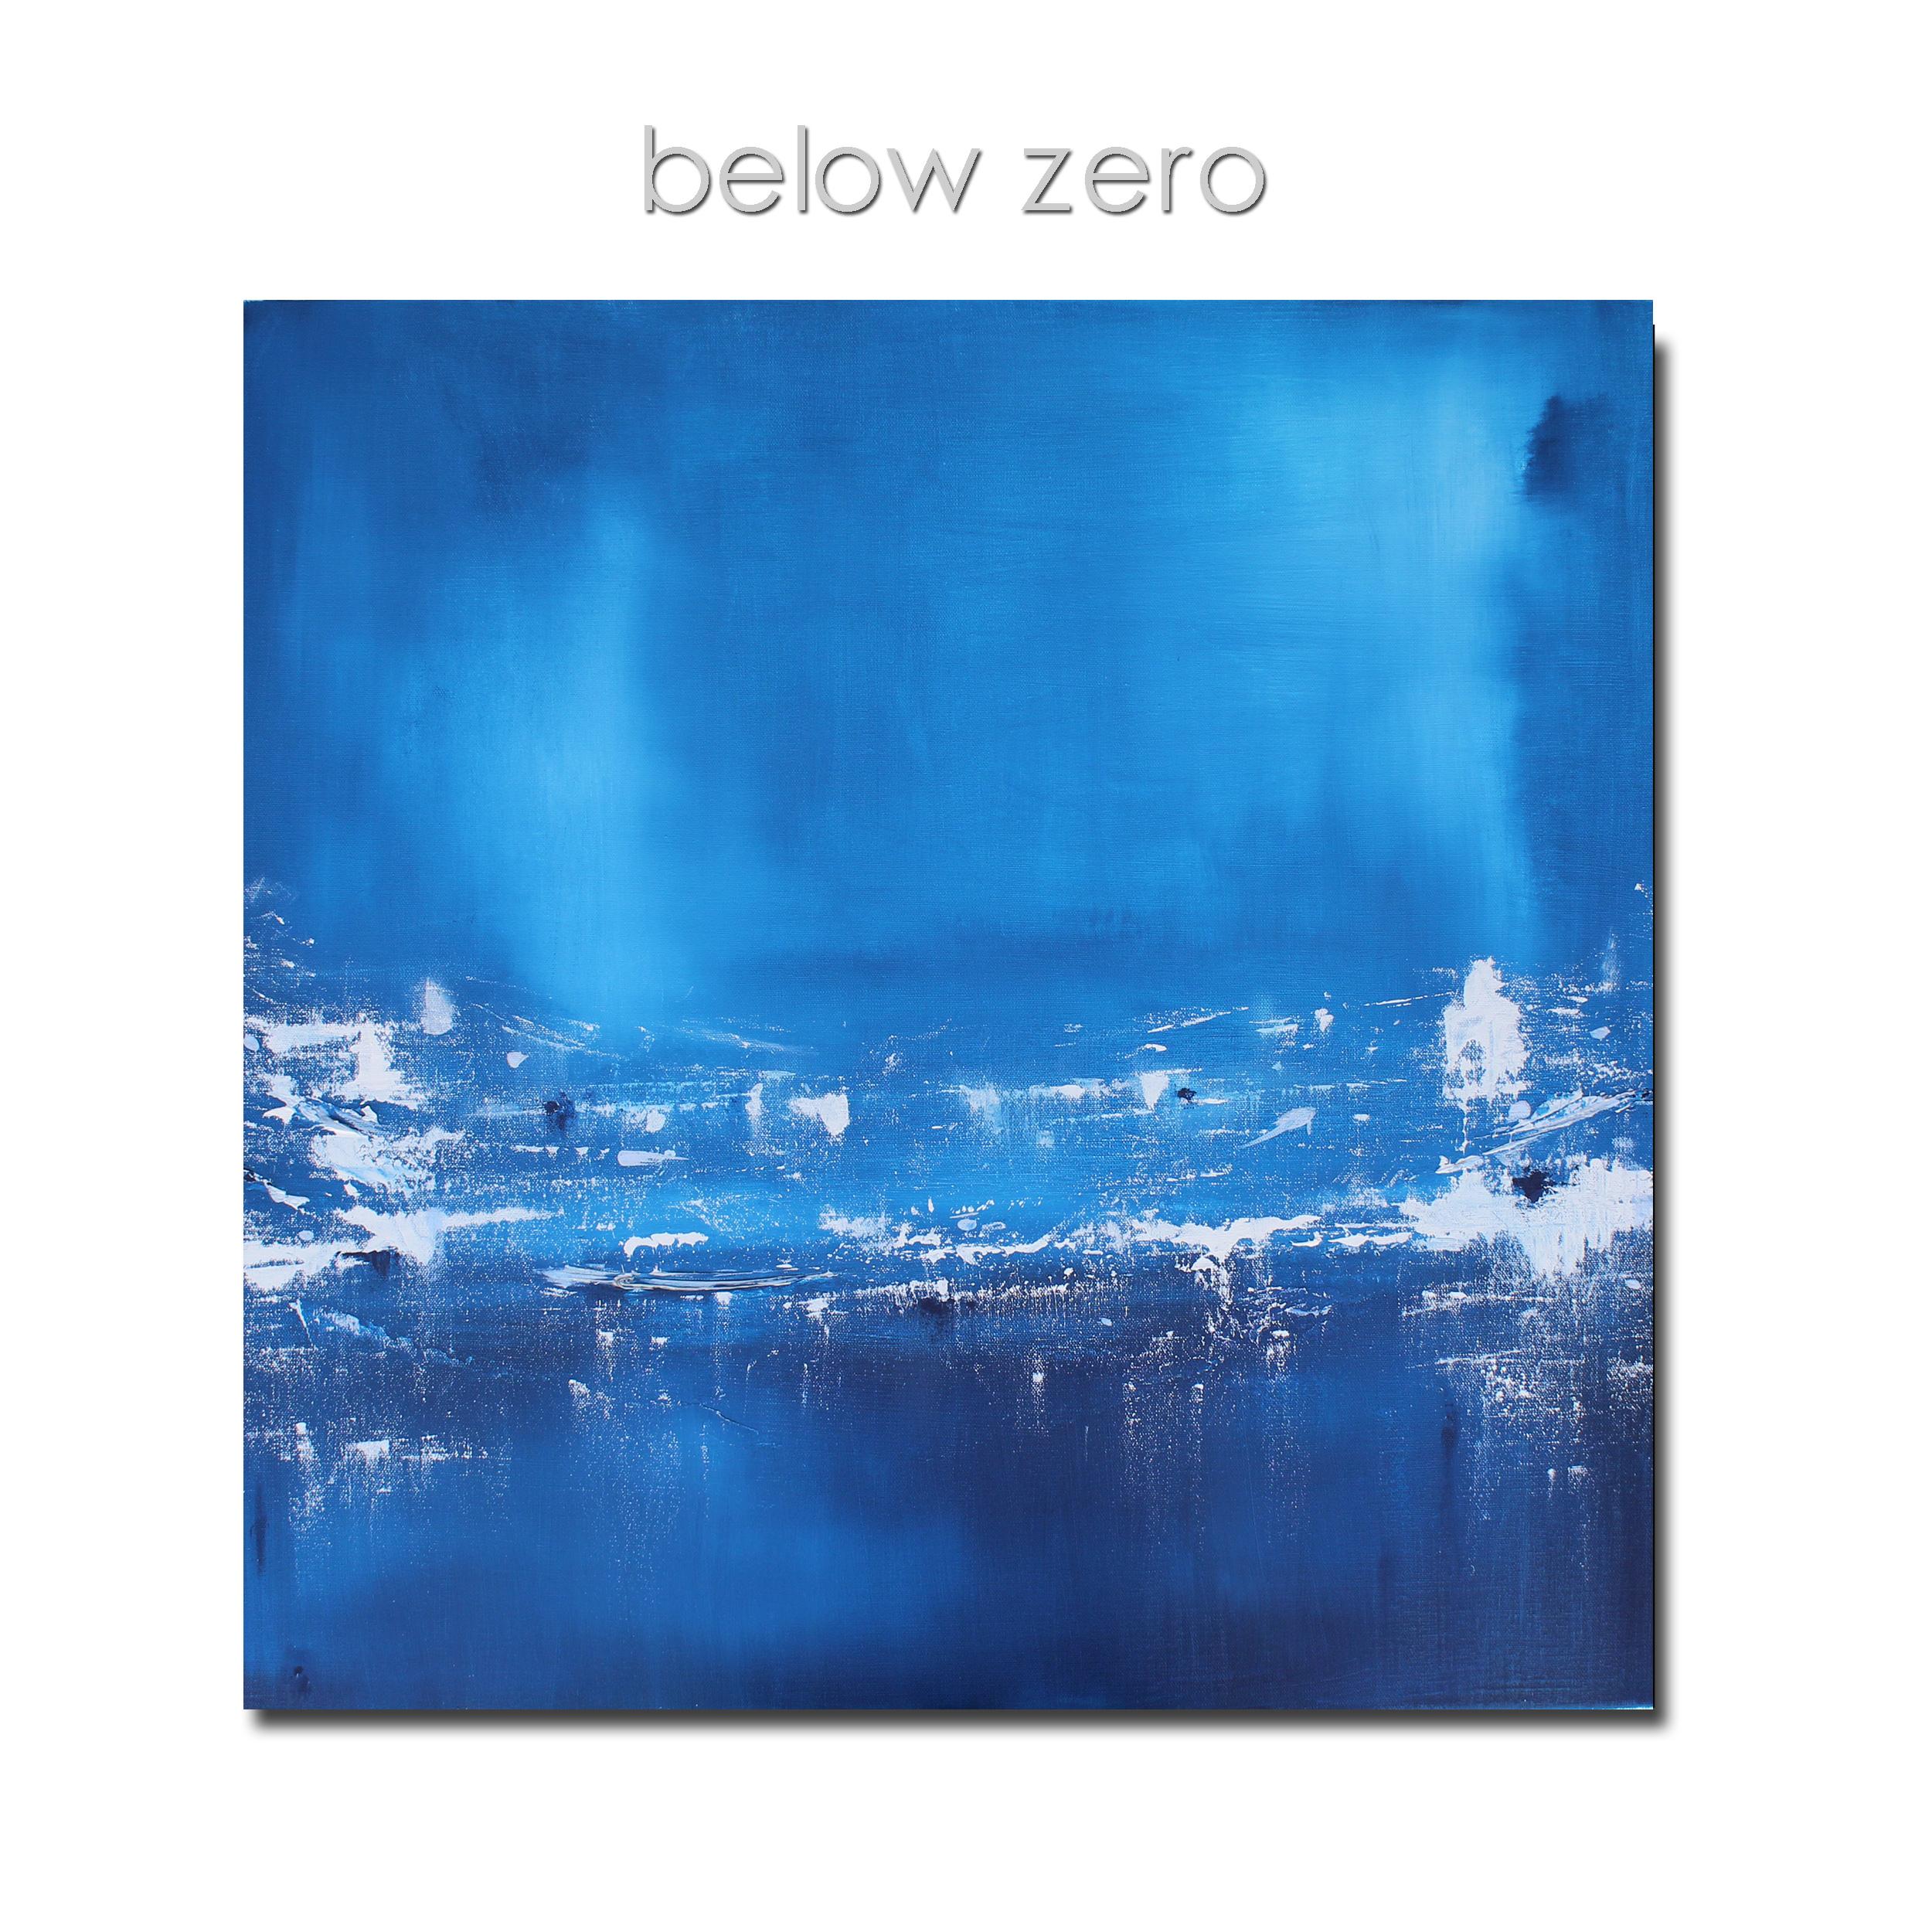 BelowZero-box.jpg